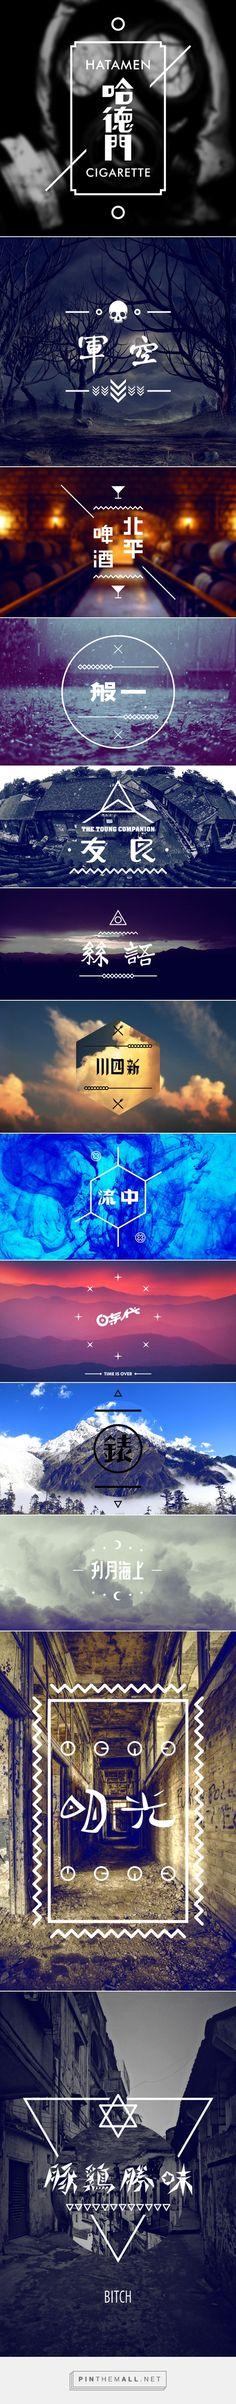 民国时期字体 on Behance - created via http://pinthemall.net